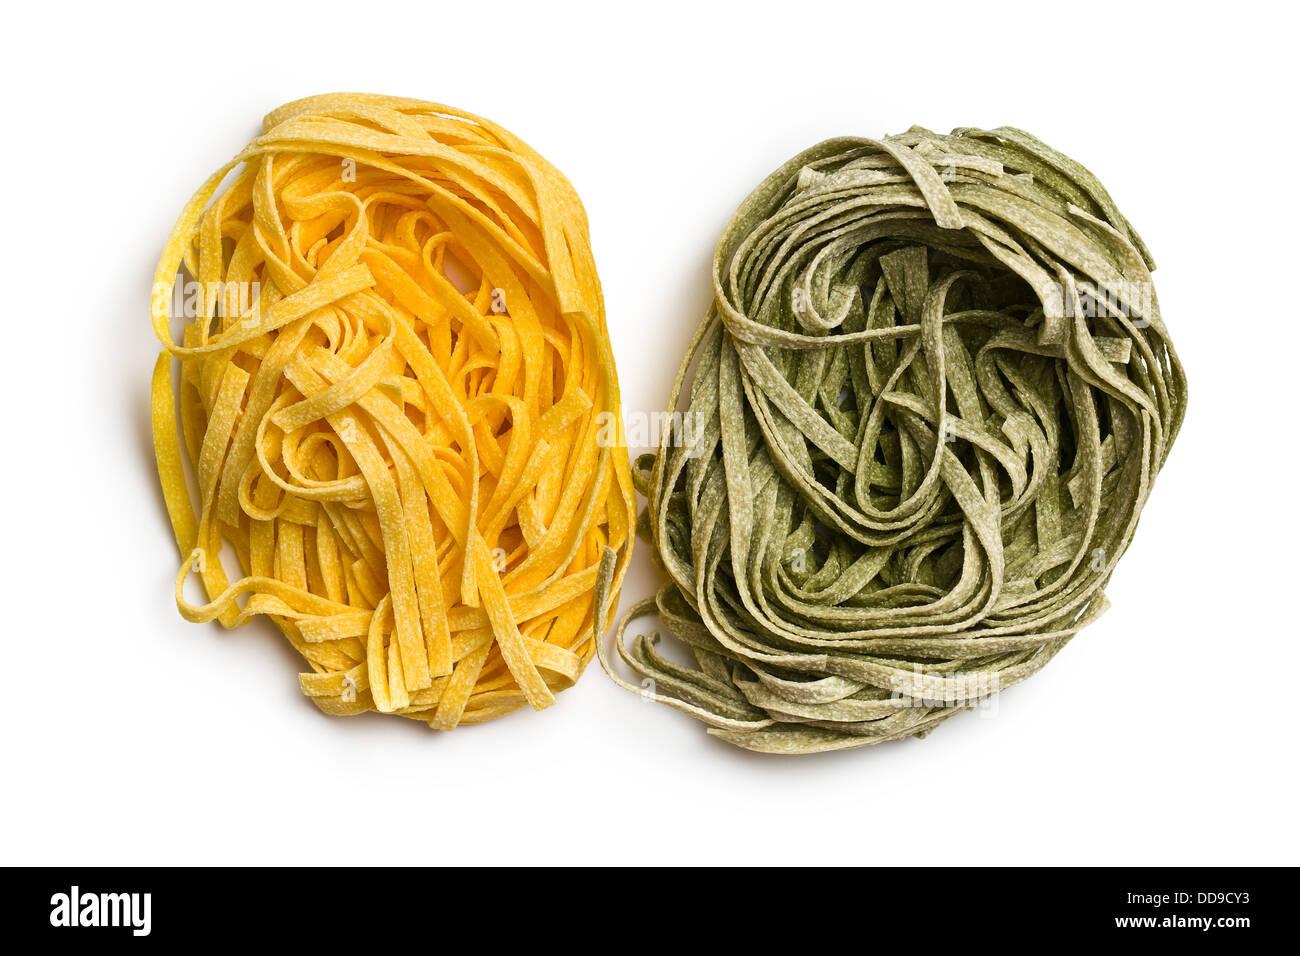 Les pâtes italiennes tagliatelles sur fond blanc Photo Stock